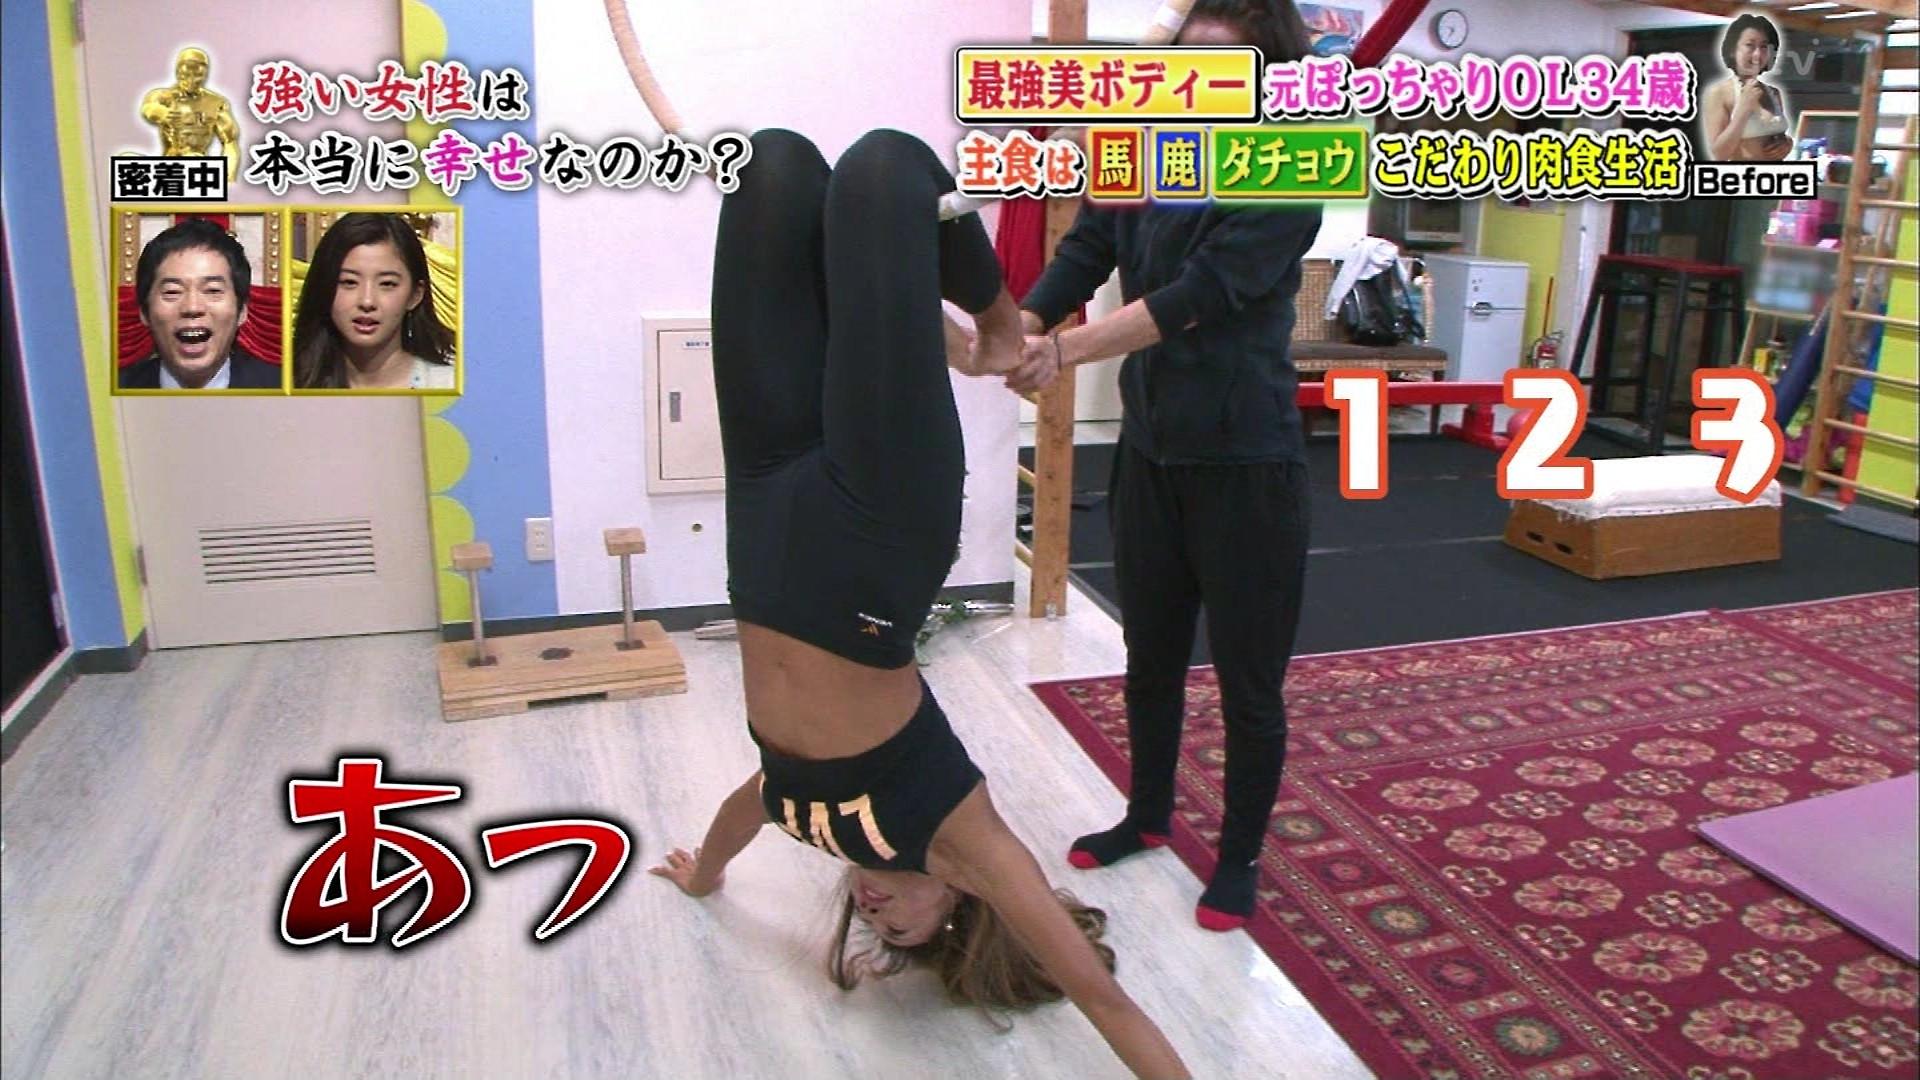 うっかりマンスジまで見せちゃう安井友梨さん-34